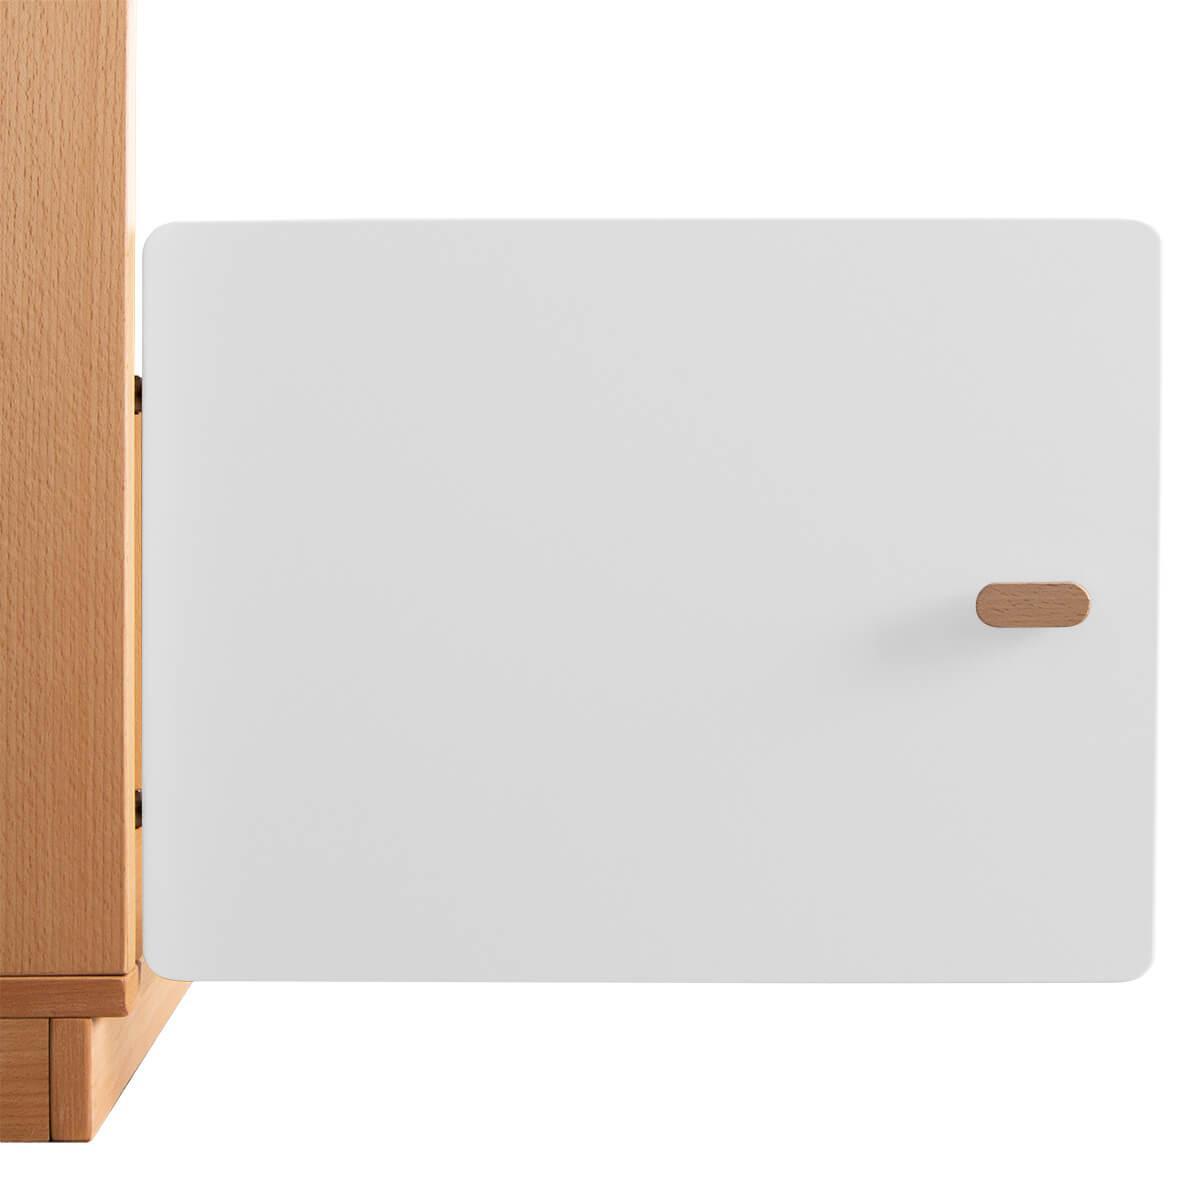 Schranktür 1/5 35cm-Griff DESTYLE Debreuyn  MDF weiß-lackiert